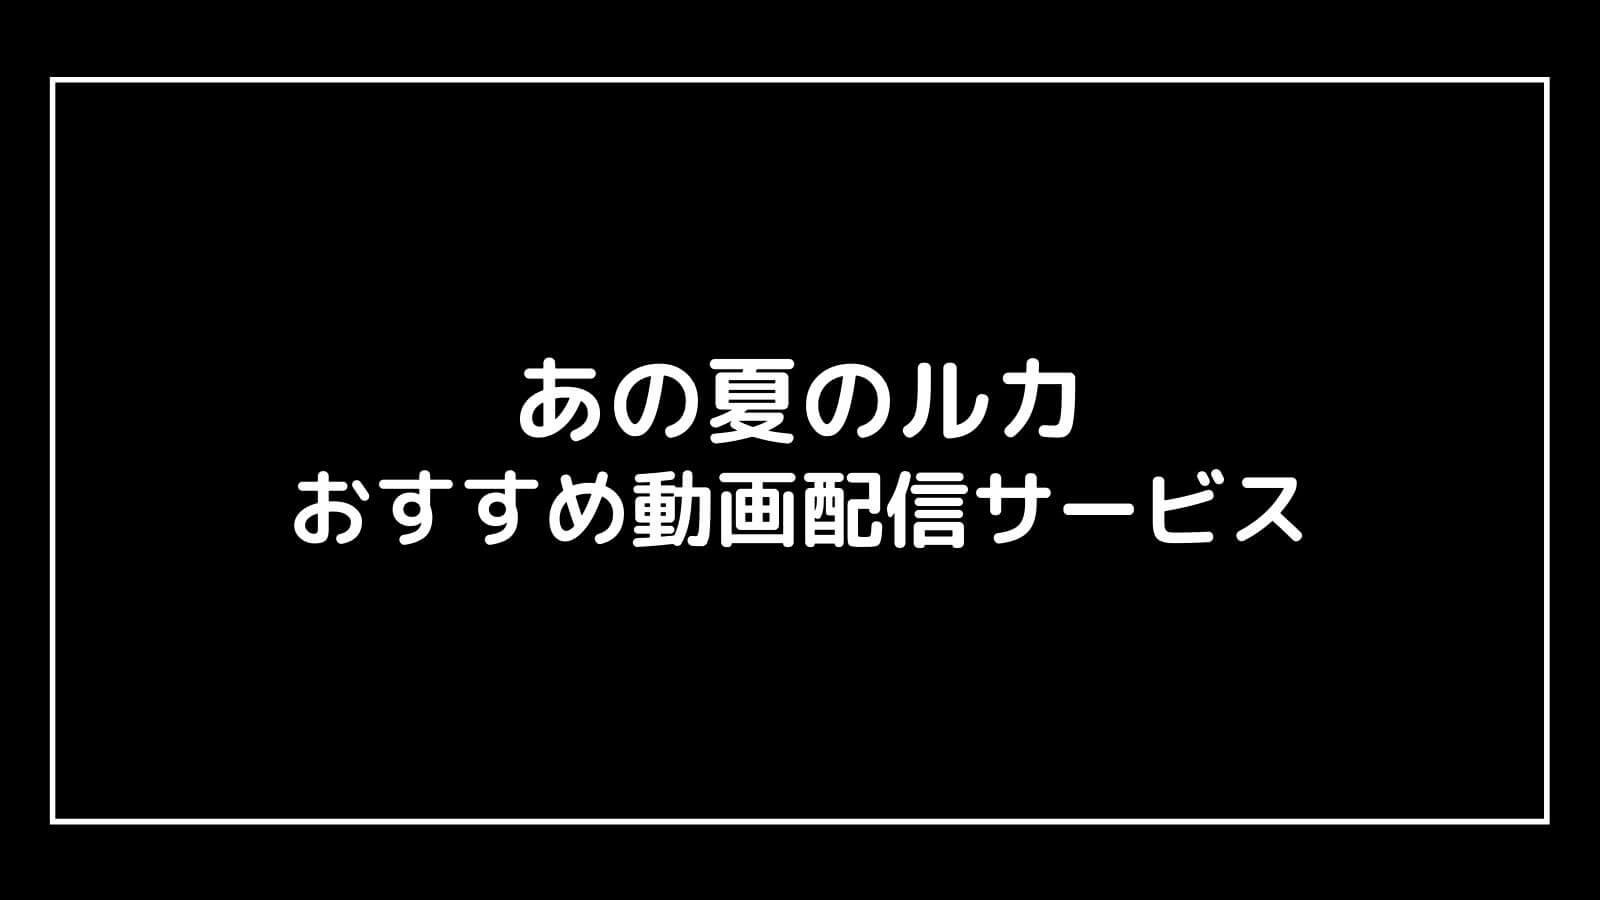 【吹替あり】ディズニー映画『あの夏のルカ』を無料視聴できる動画配信サービスは?